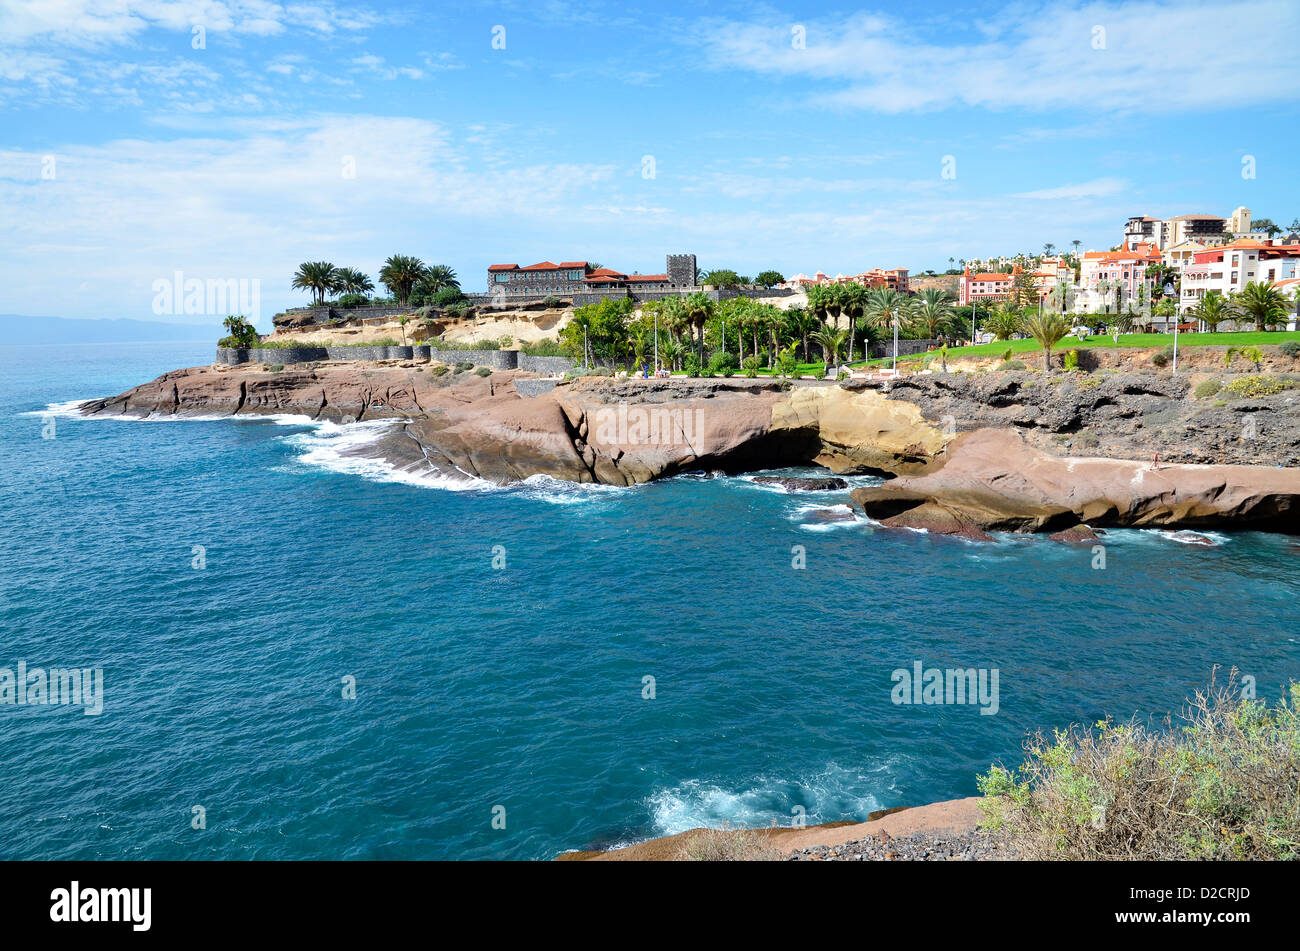 La costa cerca de la Bahía del Duque, en la Costa de Adeje, en Tenerife, Islas Canarias Imagen De Stock